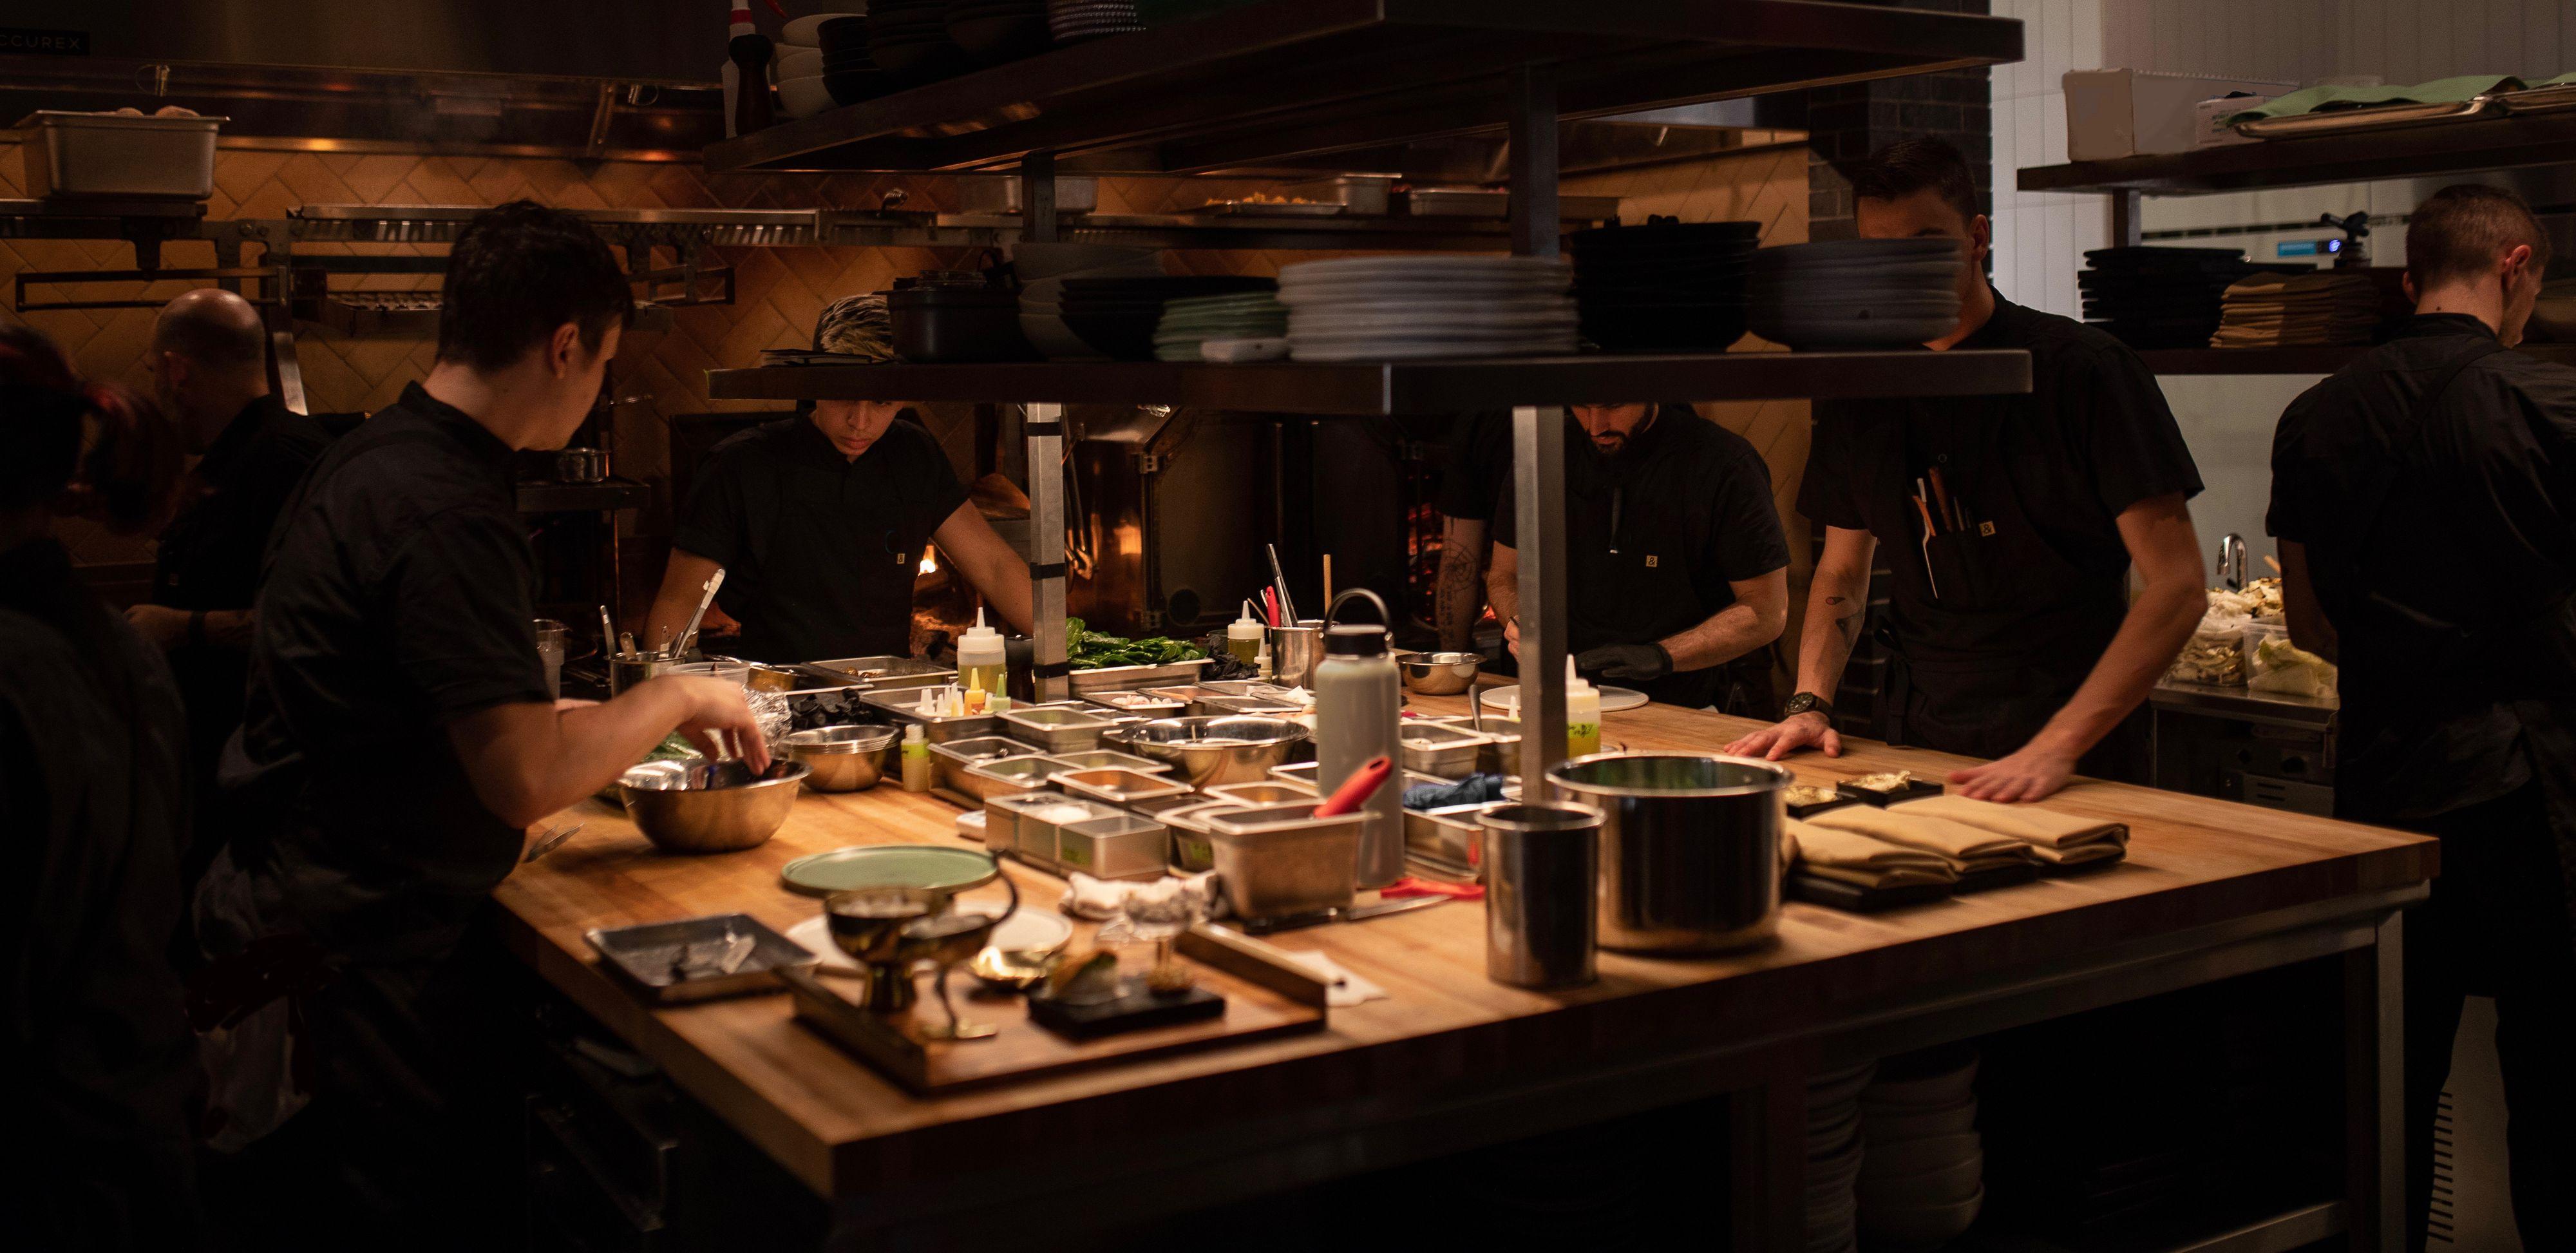 Kitchen Photo for Website-1 2.jpg